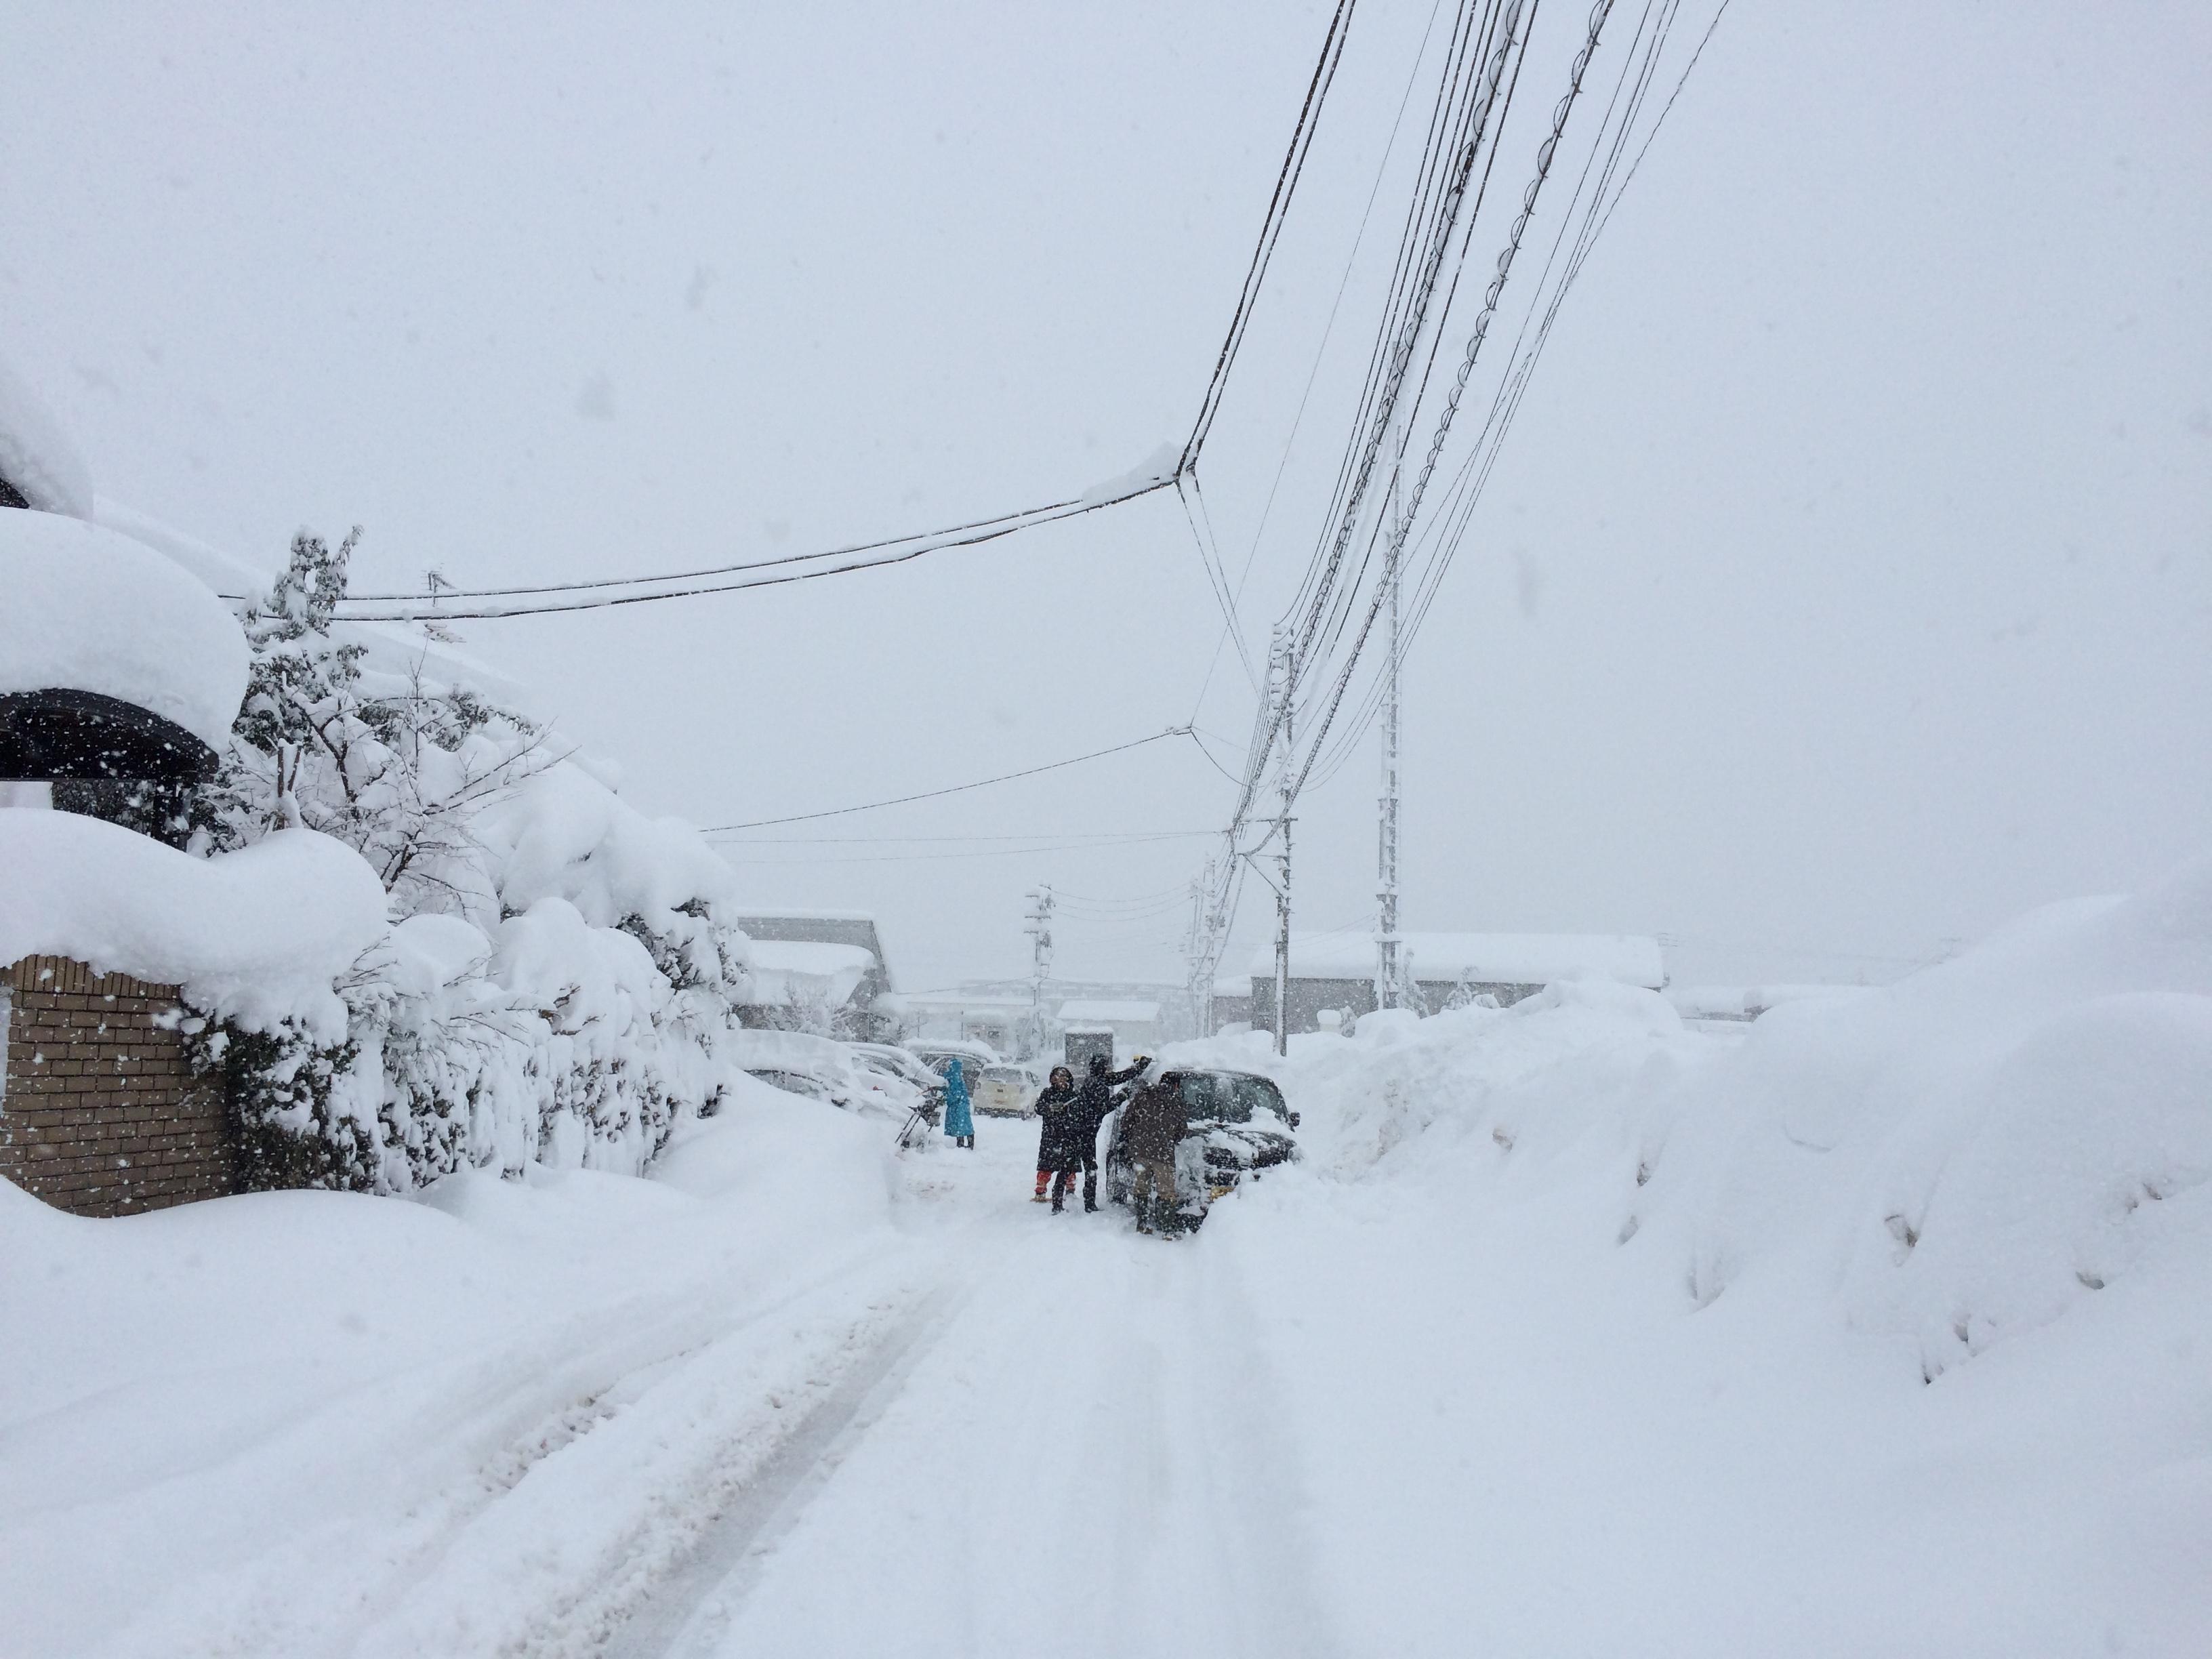 豪雪の朝。全員総出で雪かき。長岡市美沢4丁目。03